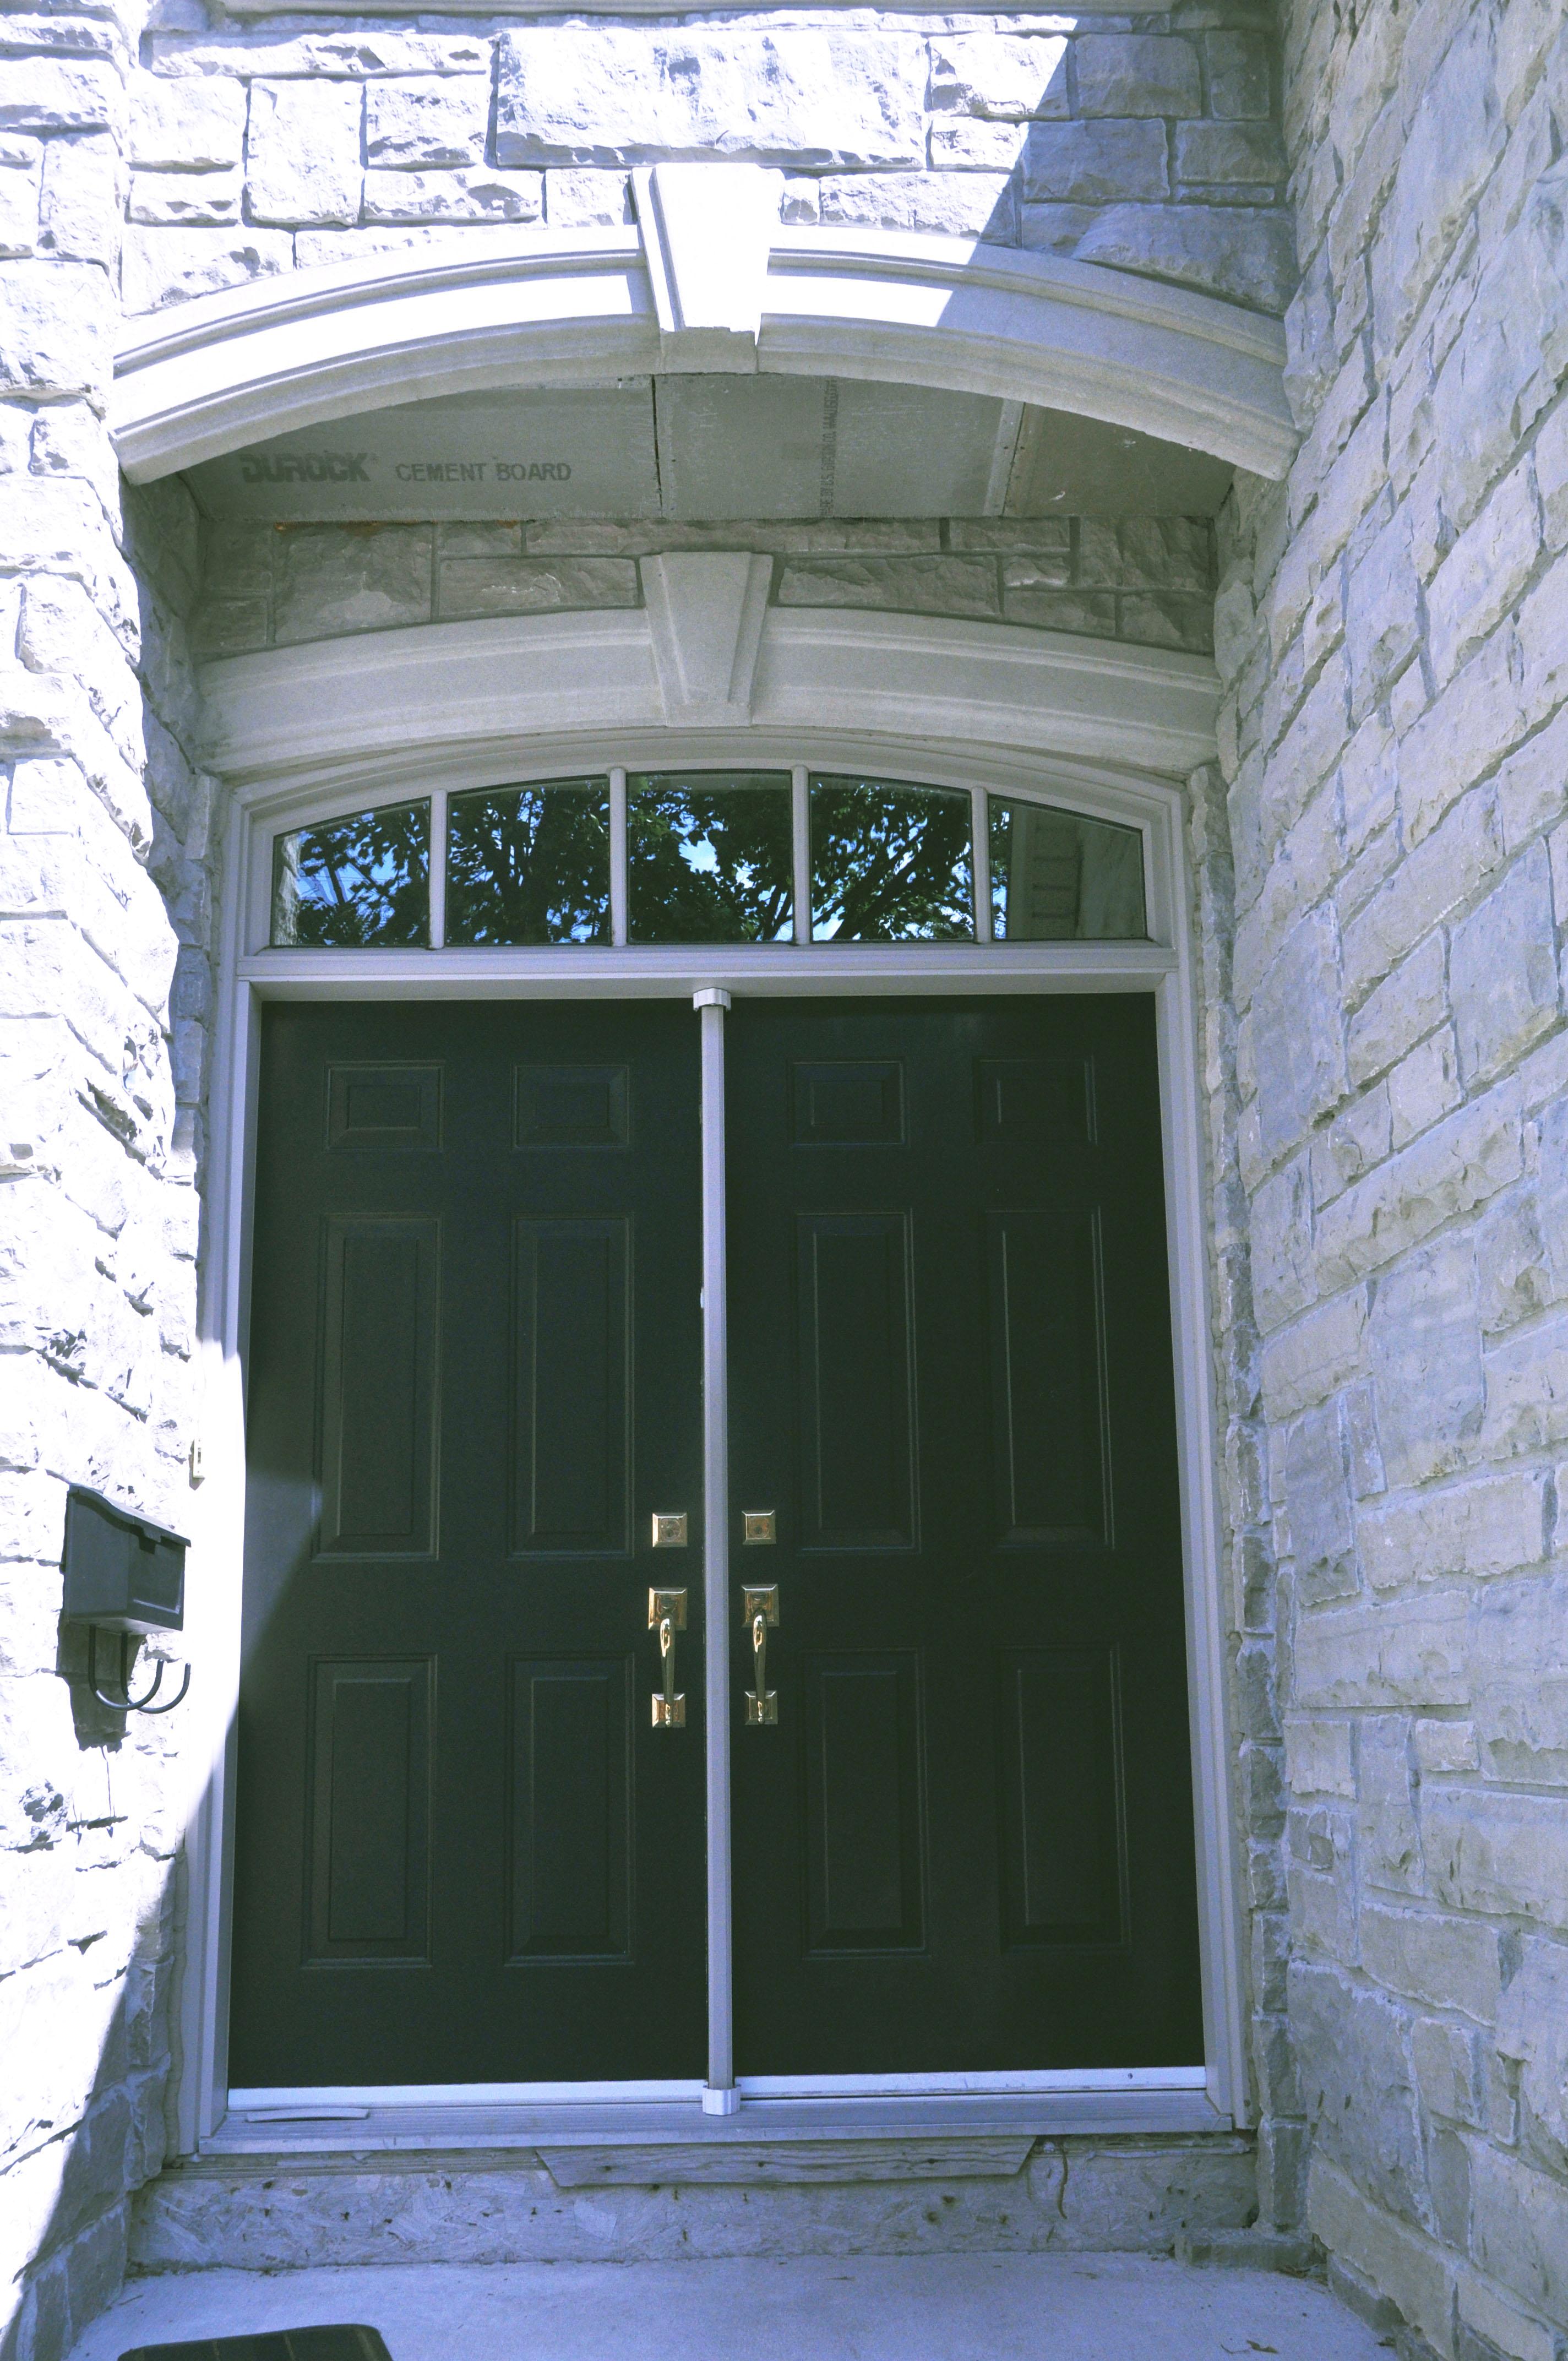 4288 #485083 200 Series Insulated Steel Entrance Doors Fibertec Windows & Doors  picture/photo Steel Insulated Exterior Doors 40692848